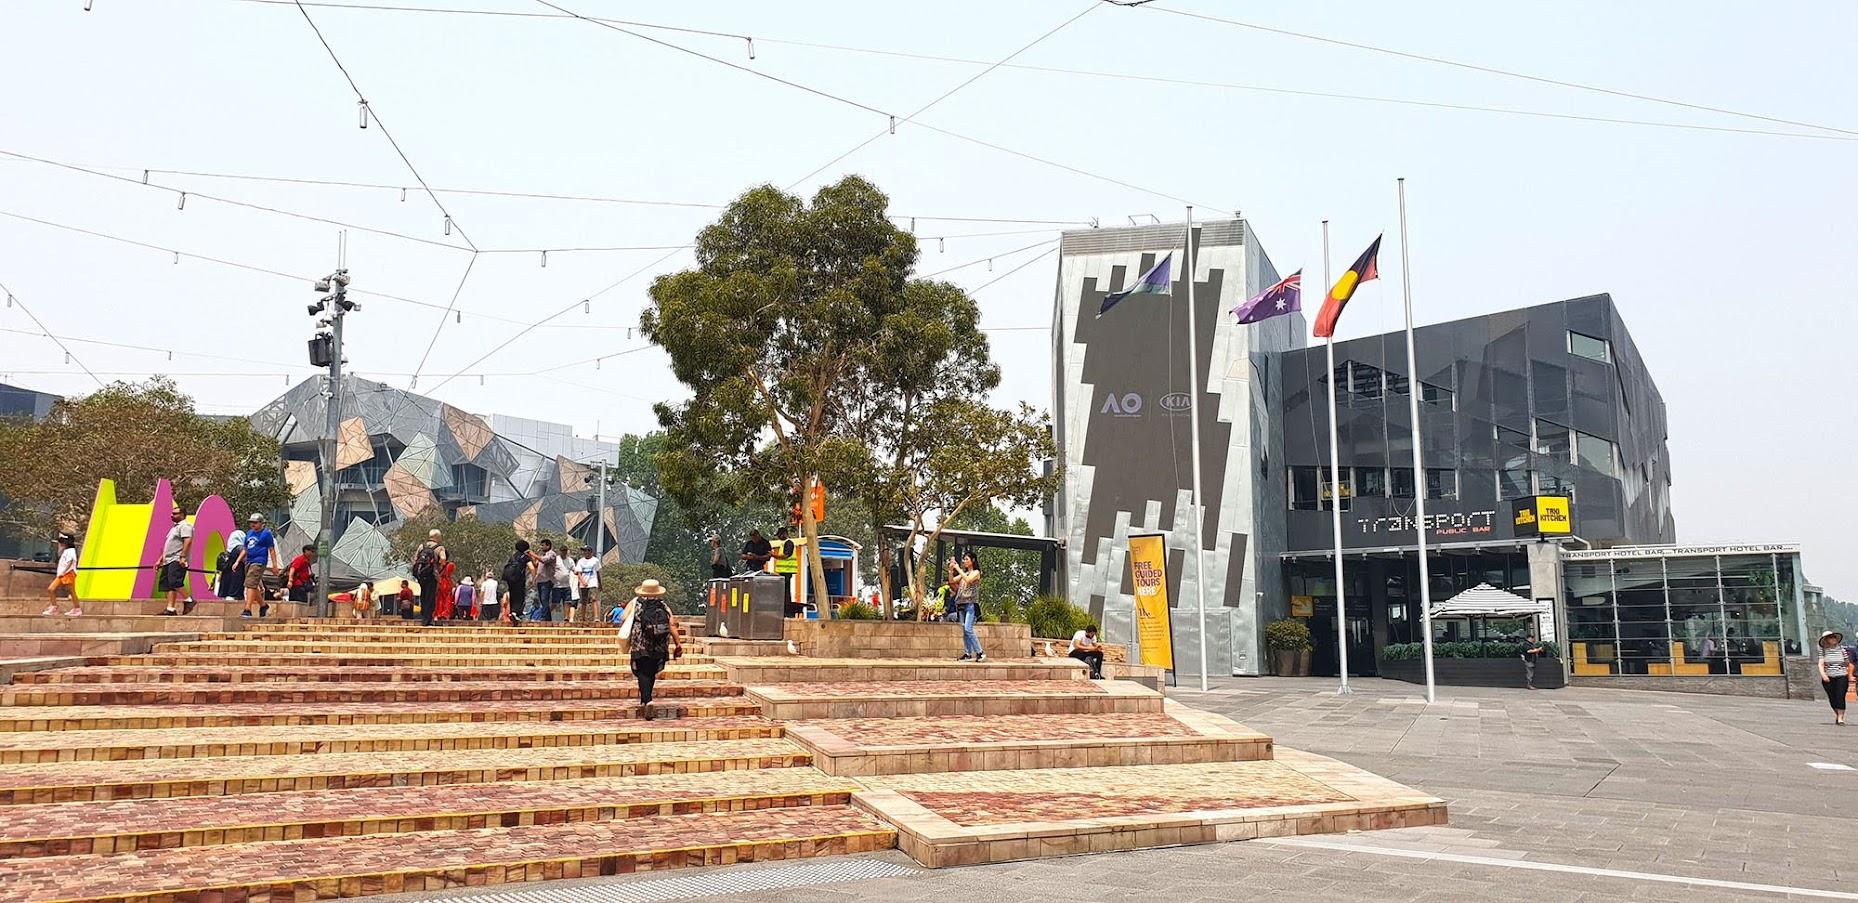 Visitar MELBOURNE, capital de Vitória e metrópole da costa sul | Austrália